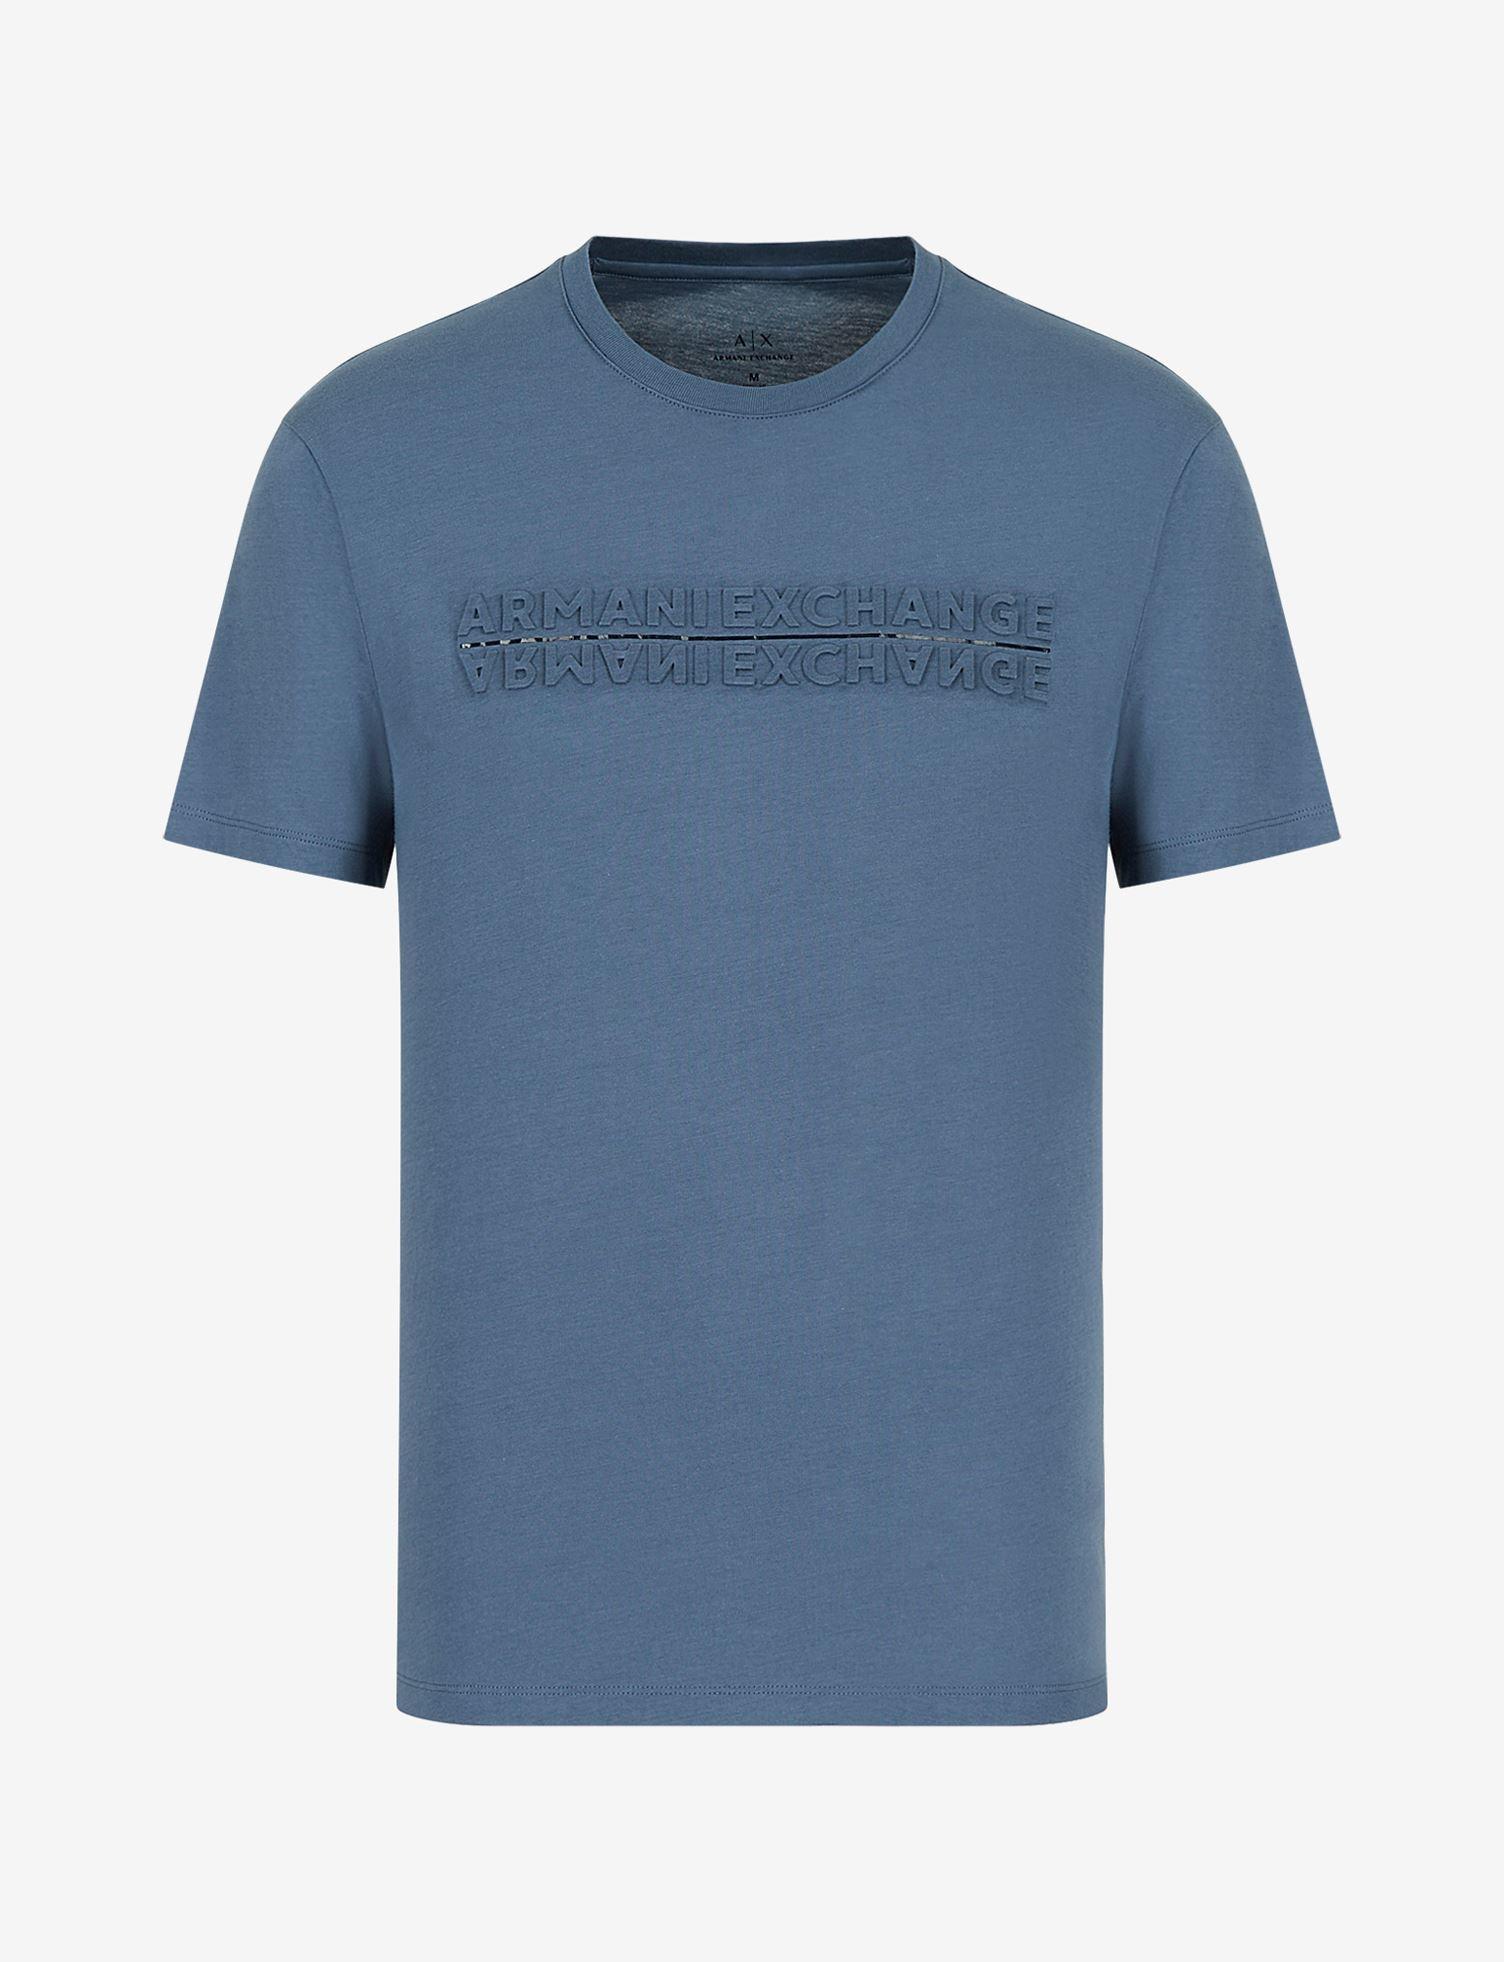 Armani Exchange T-shirt Armani Exchange 6KZTFM-ZJH4Z-15AM